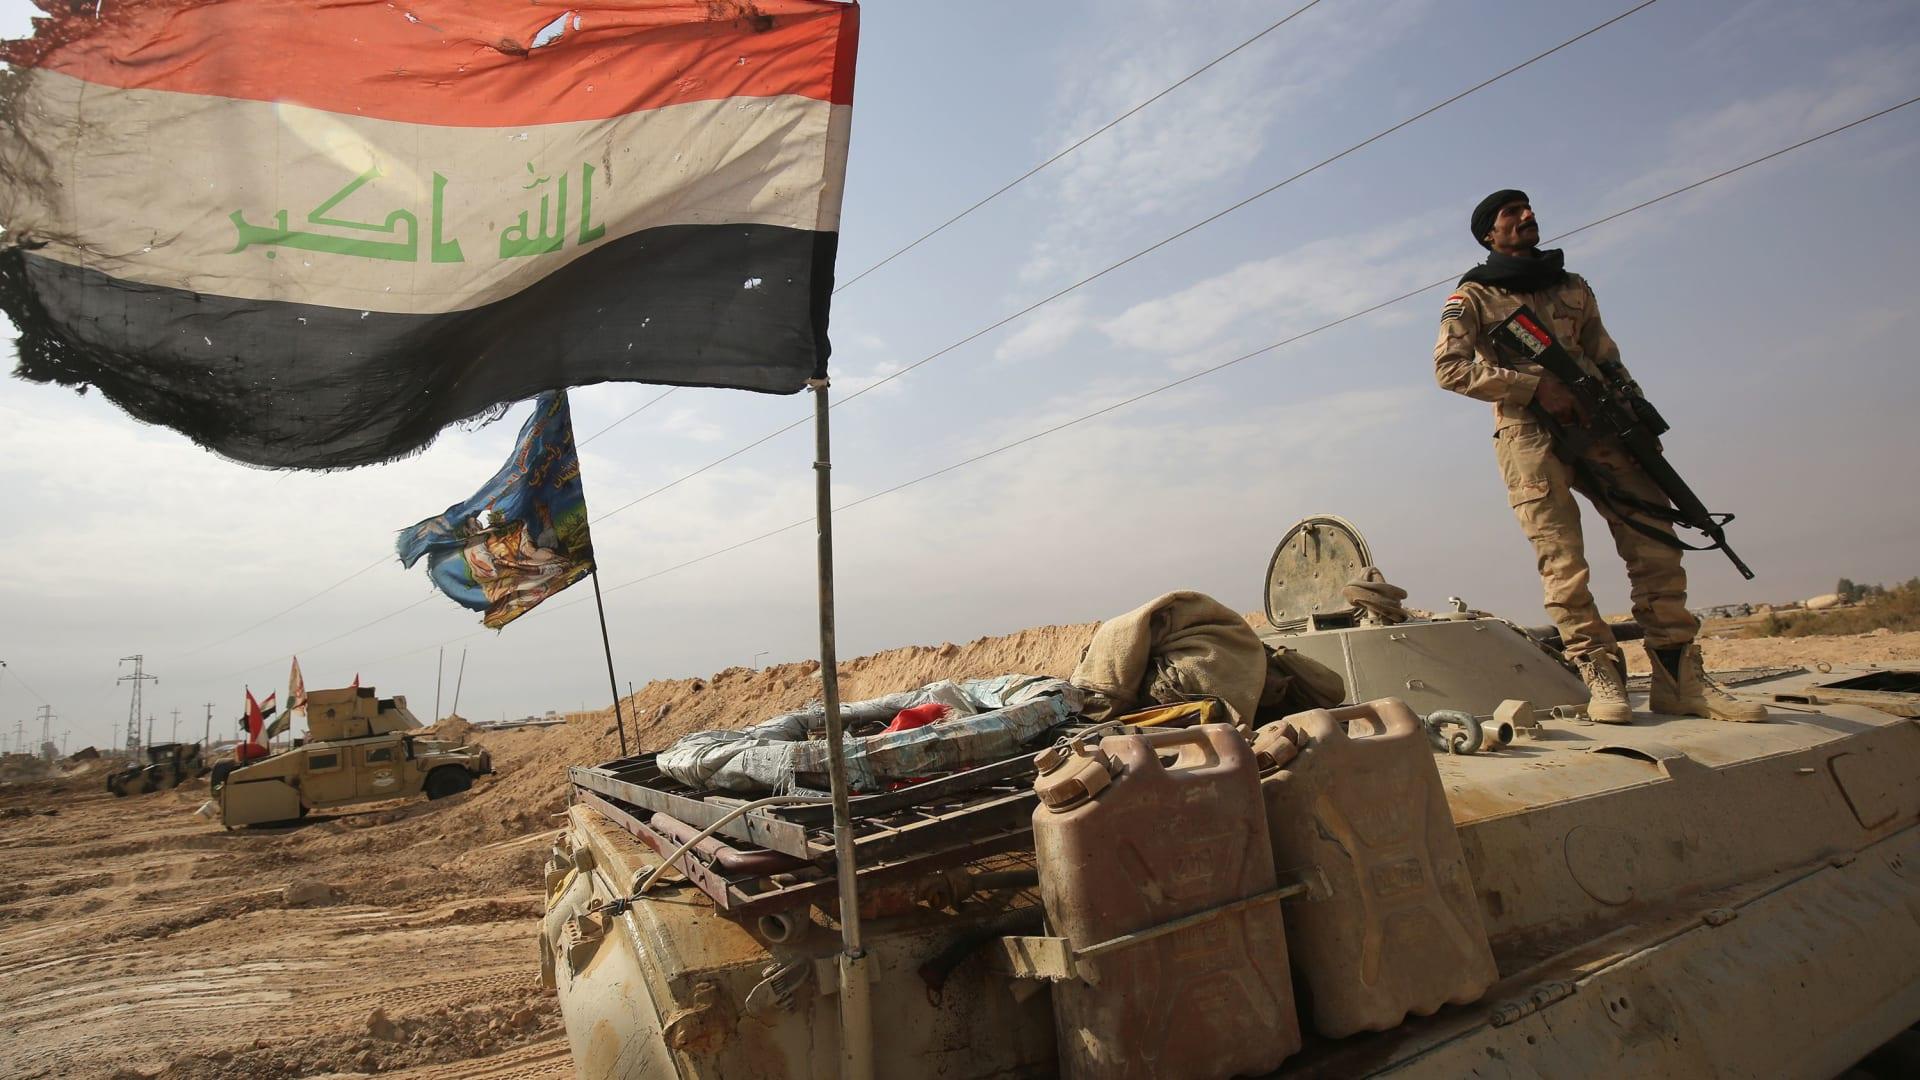 العراق: مقتل 7 على الأقل بتفجير انتحاري في القائم